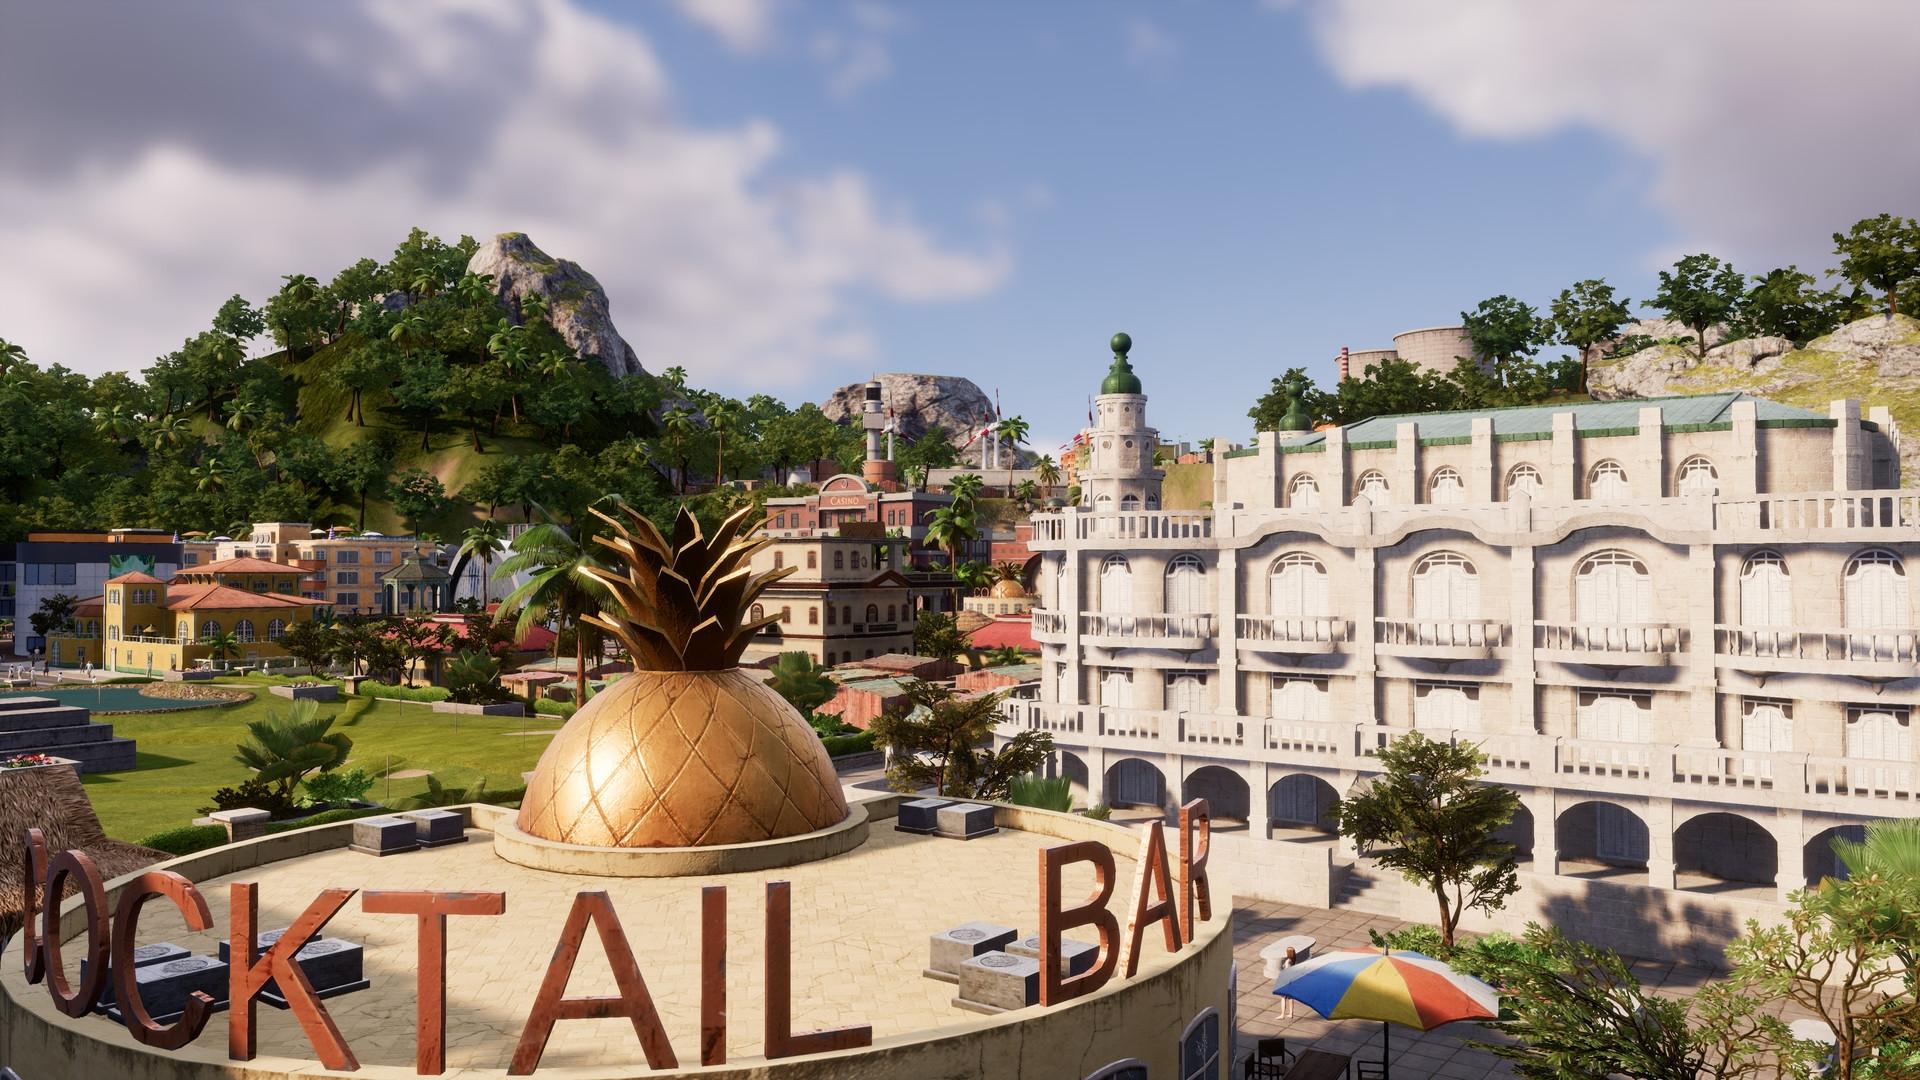 Выход Tropico 6 отложили до марта, так как игра«хороша, но не великолепна»